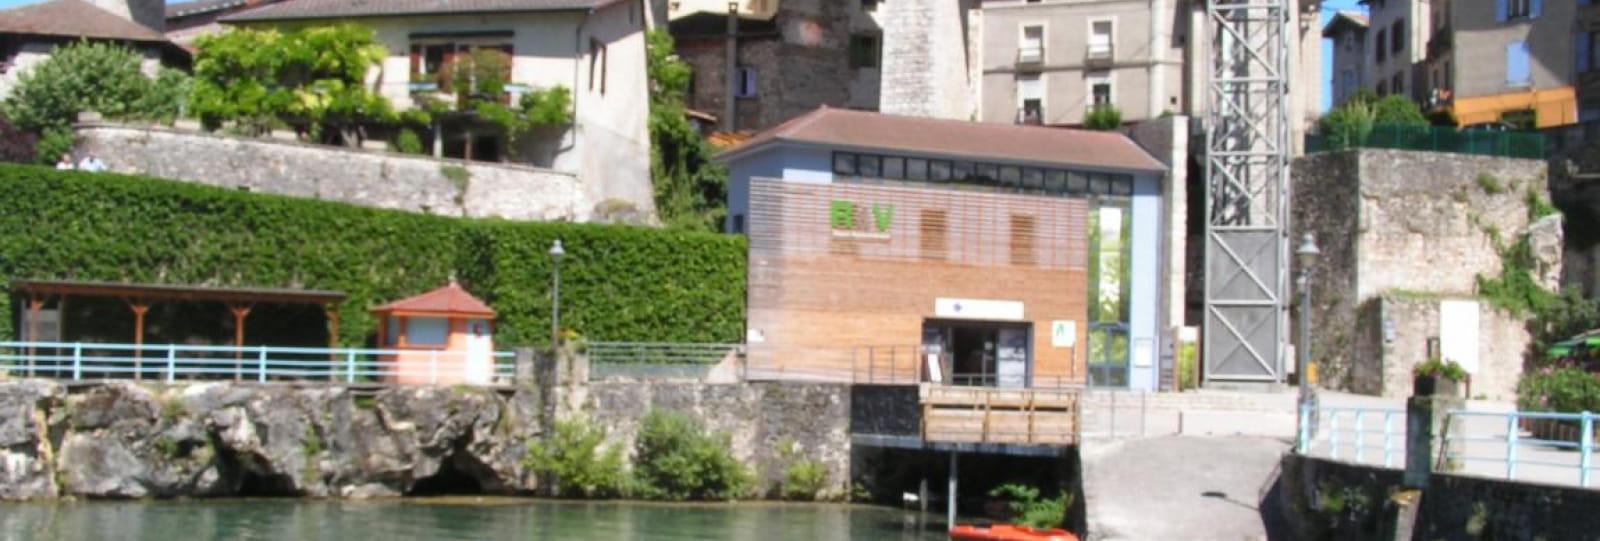 Office de Tourisme Vercors Drôme - Accueil de Saint Nazaire en Royans